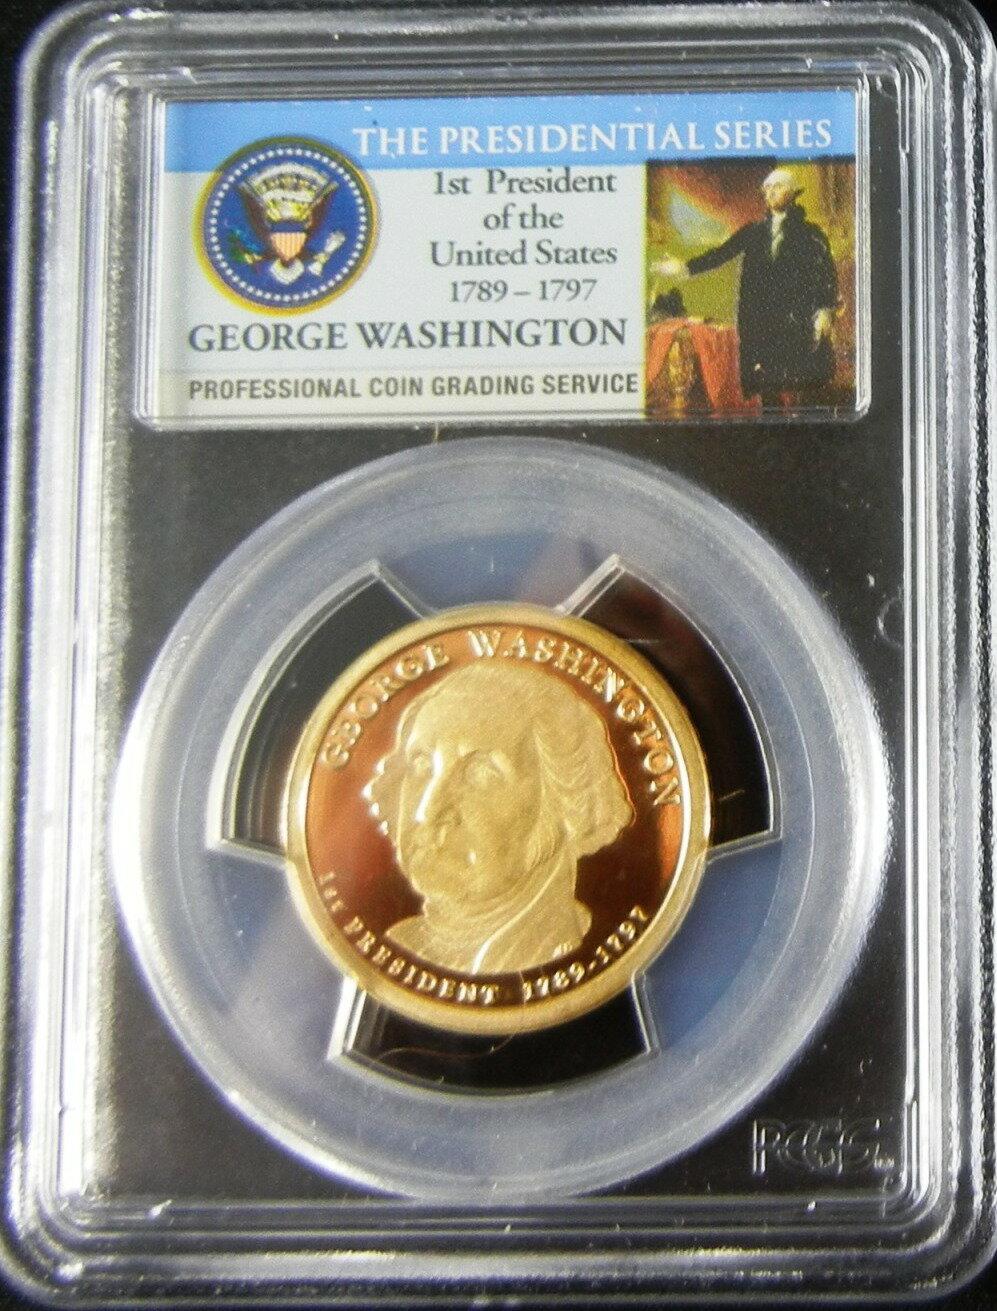 美國首任總統George Washington一元精製硬幣 ~  好康折扣